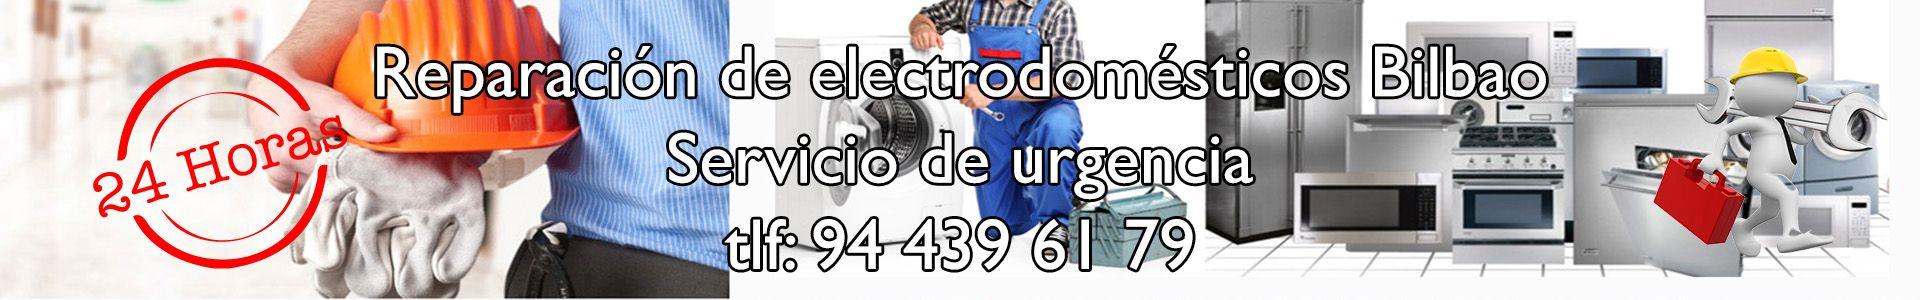 Reparación de Electrodomésticos Bilbao